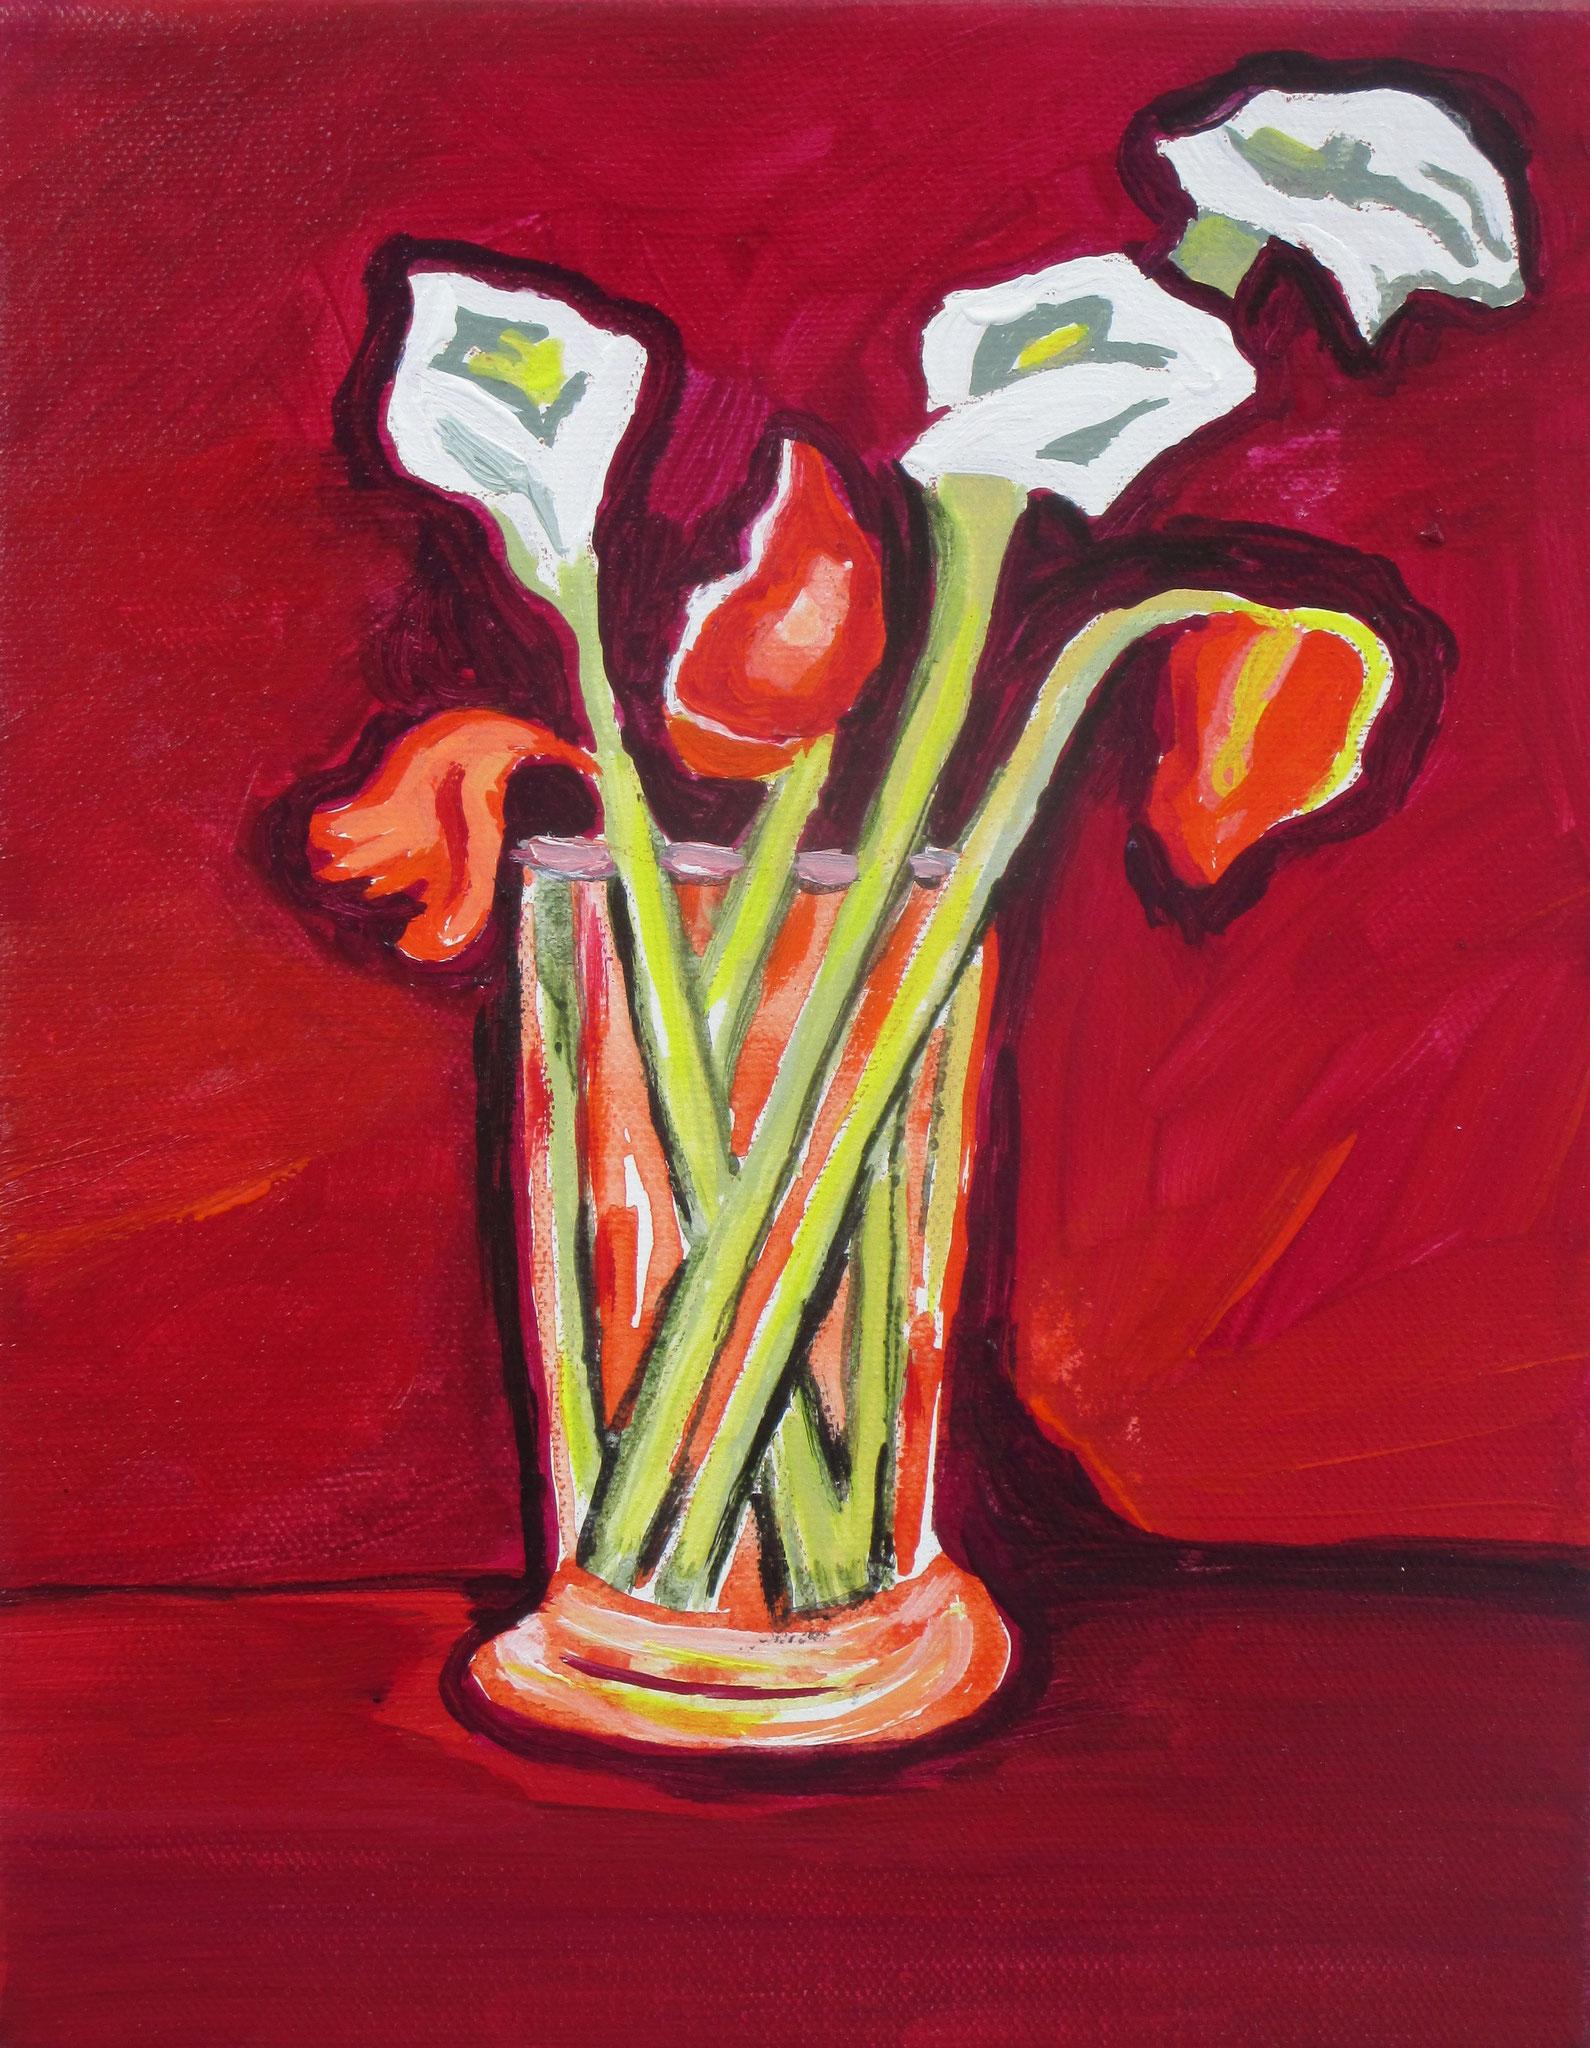 Cala Lilies, acrylic on canvas, 8 x 10